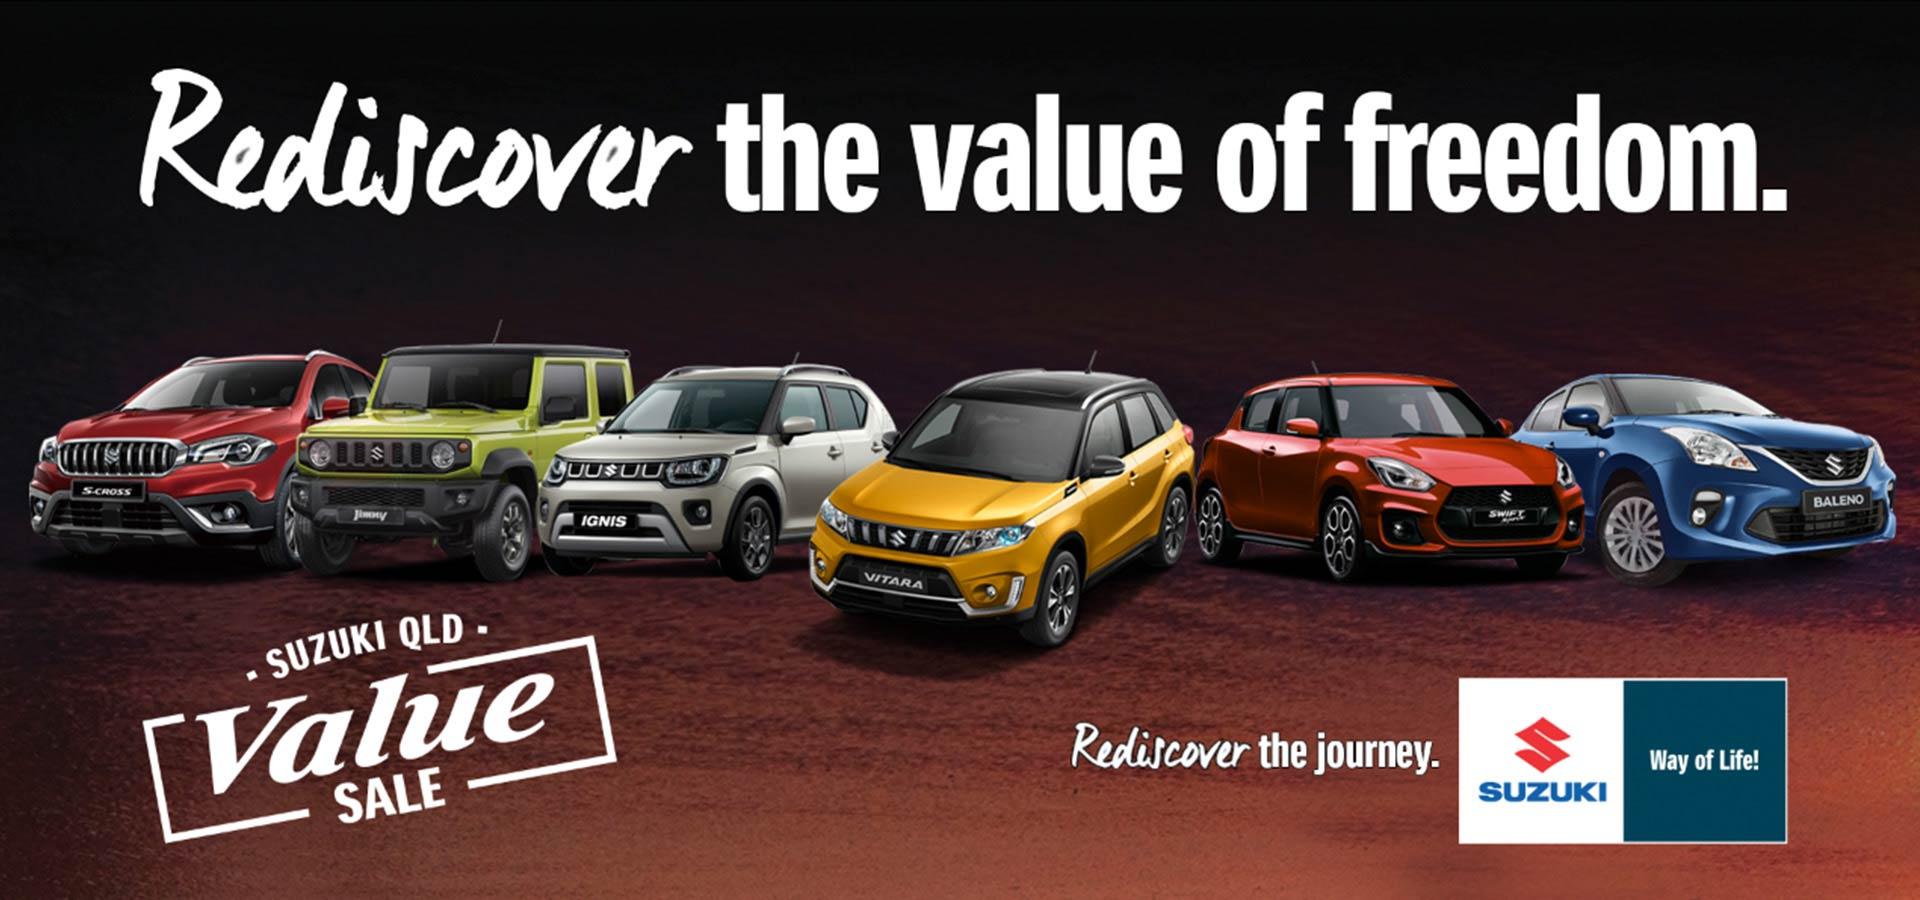 Suzuki QLD - Value Sale